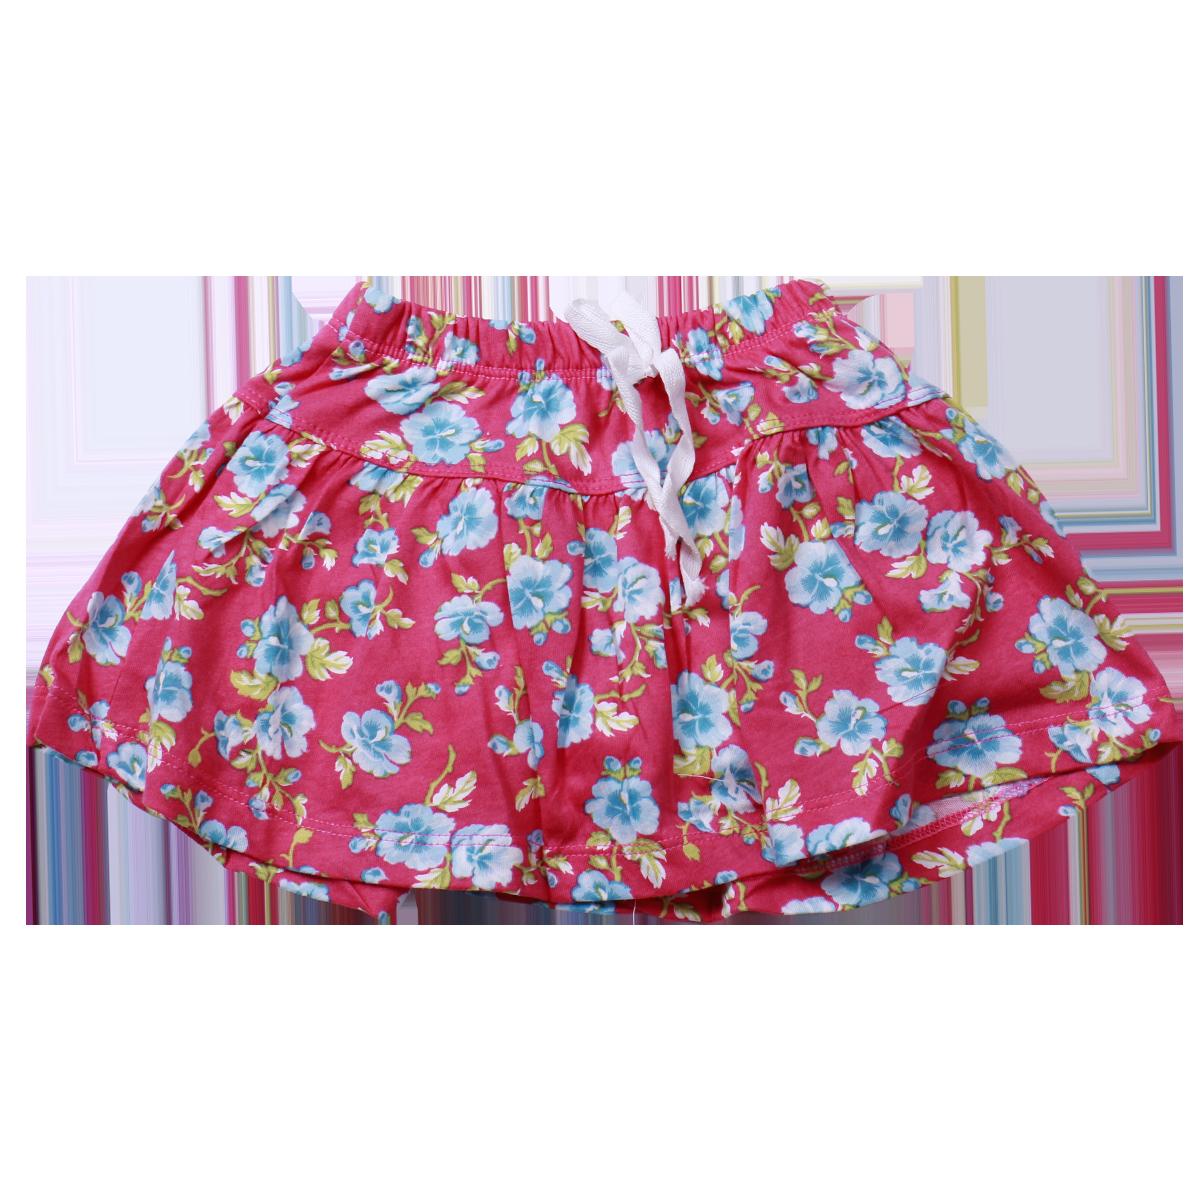 Chân váy bé gái màu hồng in hoa